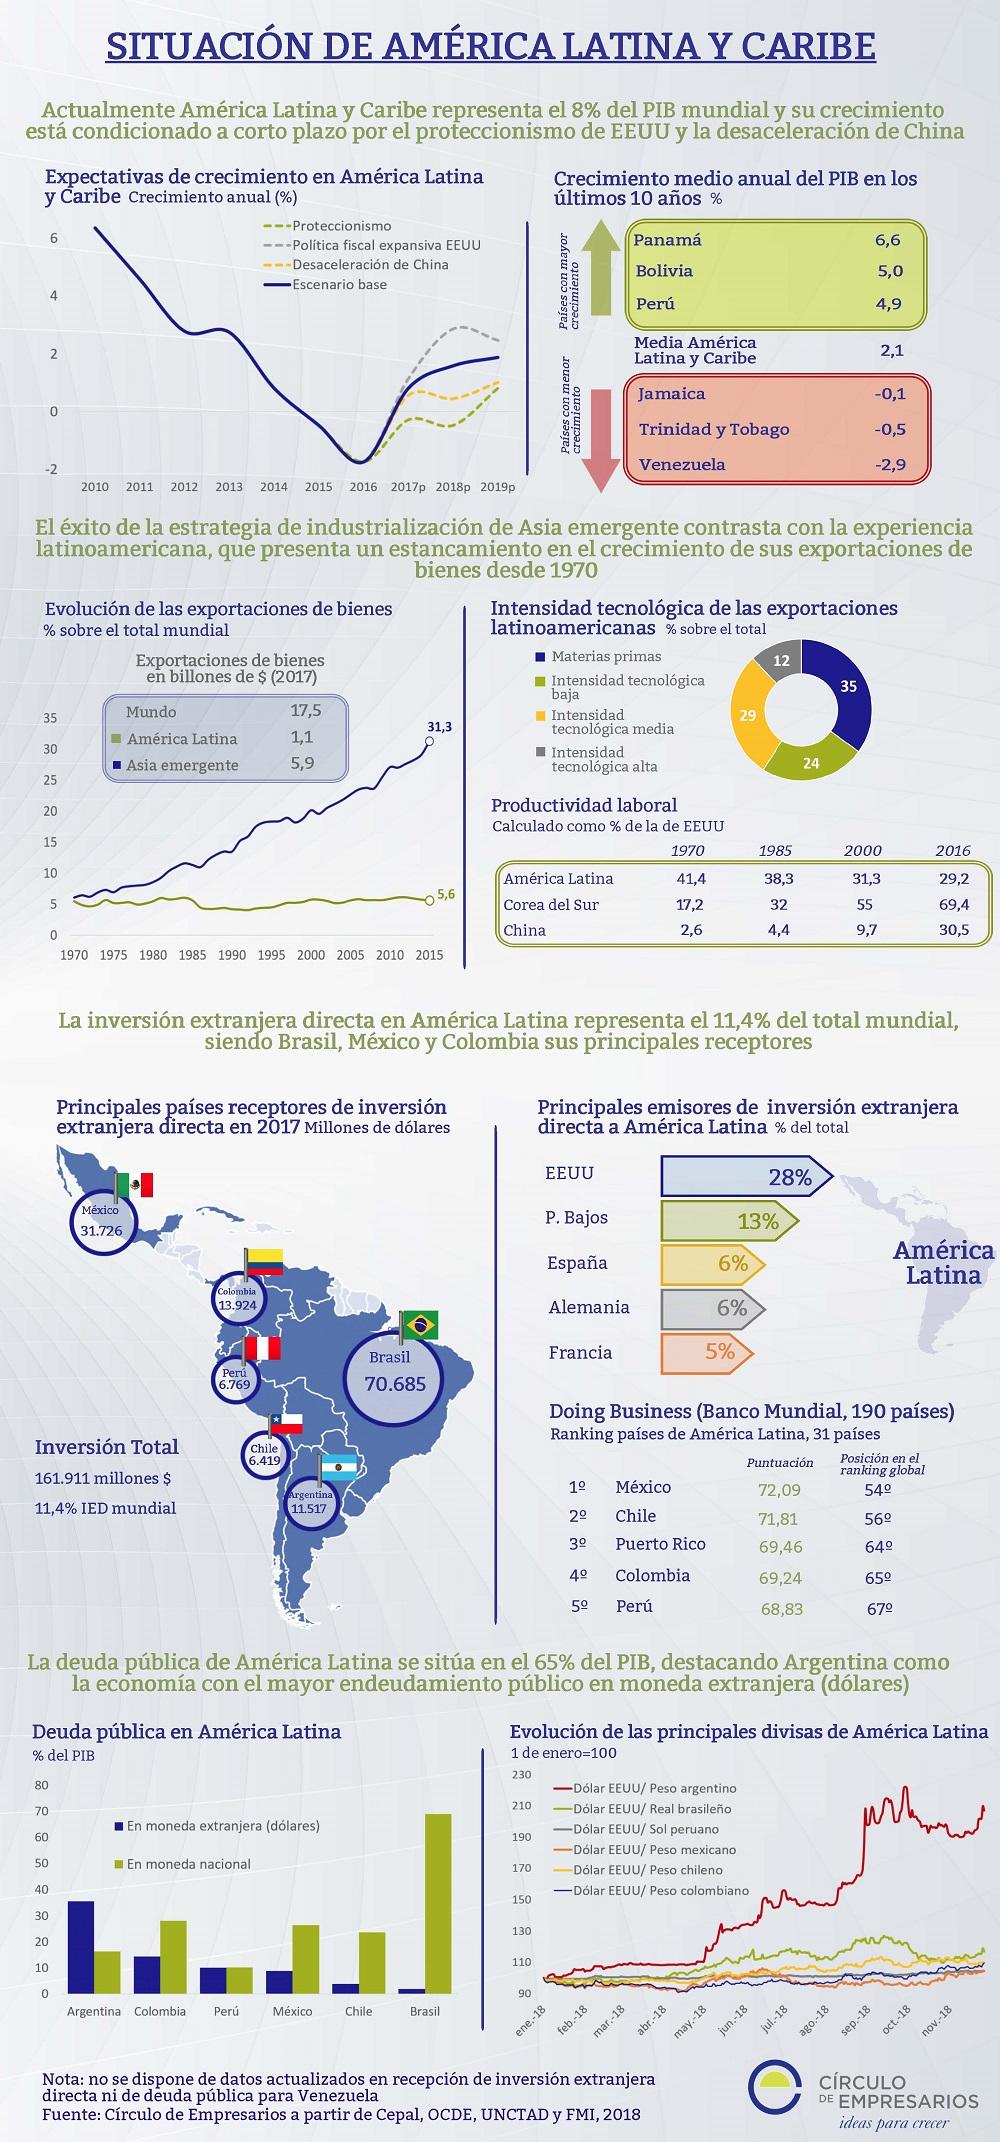 Situación de América Latina y Caribe infografía Círculo de Empresarios noviembre 2018